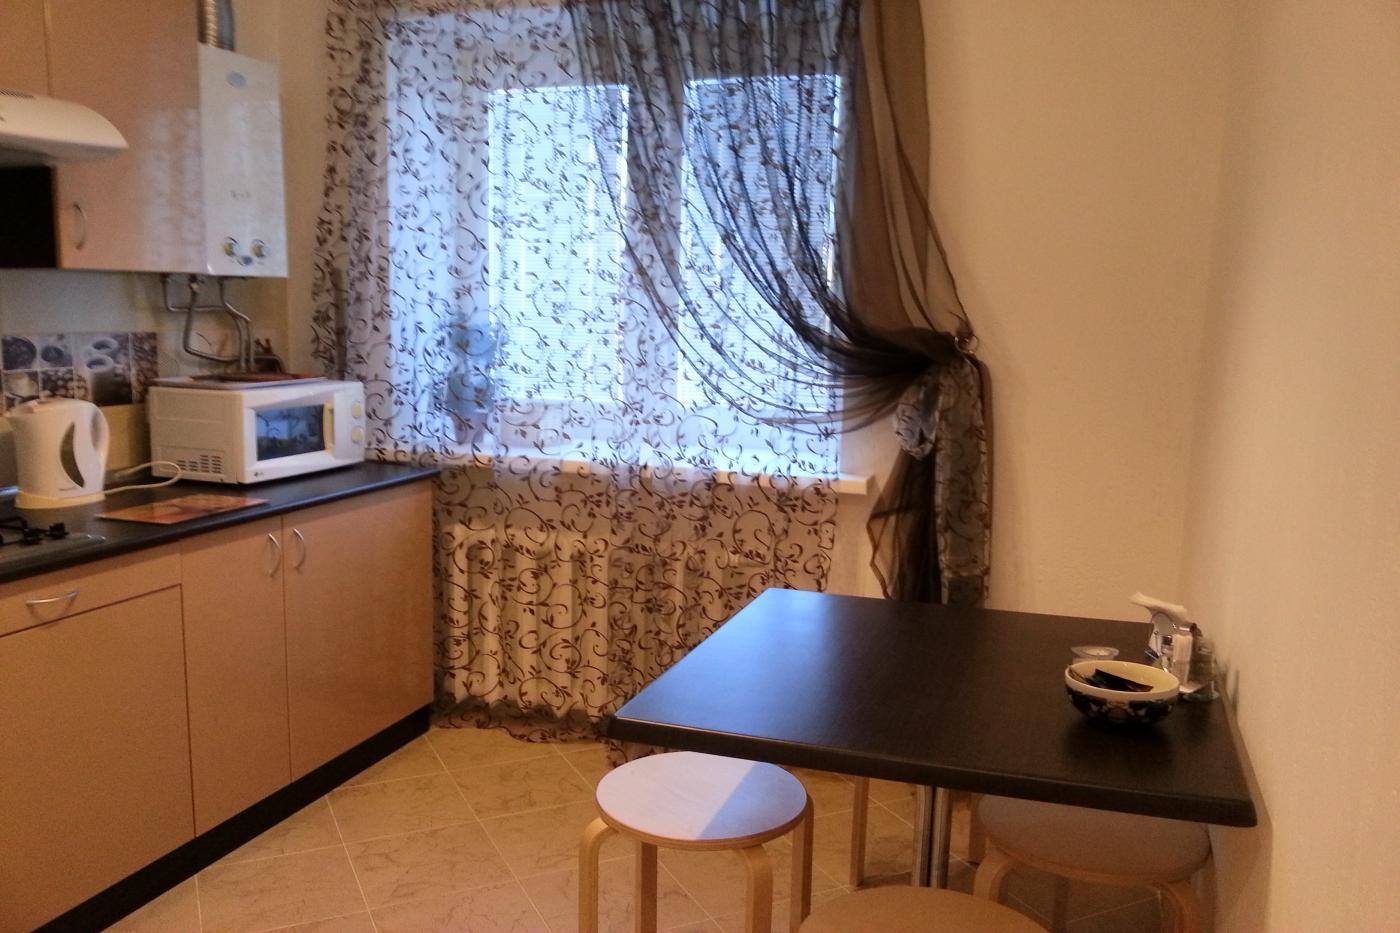 2-комнатная квартира посуточно (вариант № 4451), ул. Плехановская улица, фото № 4